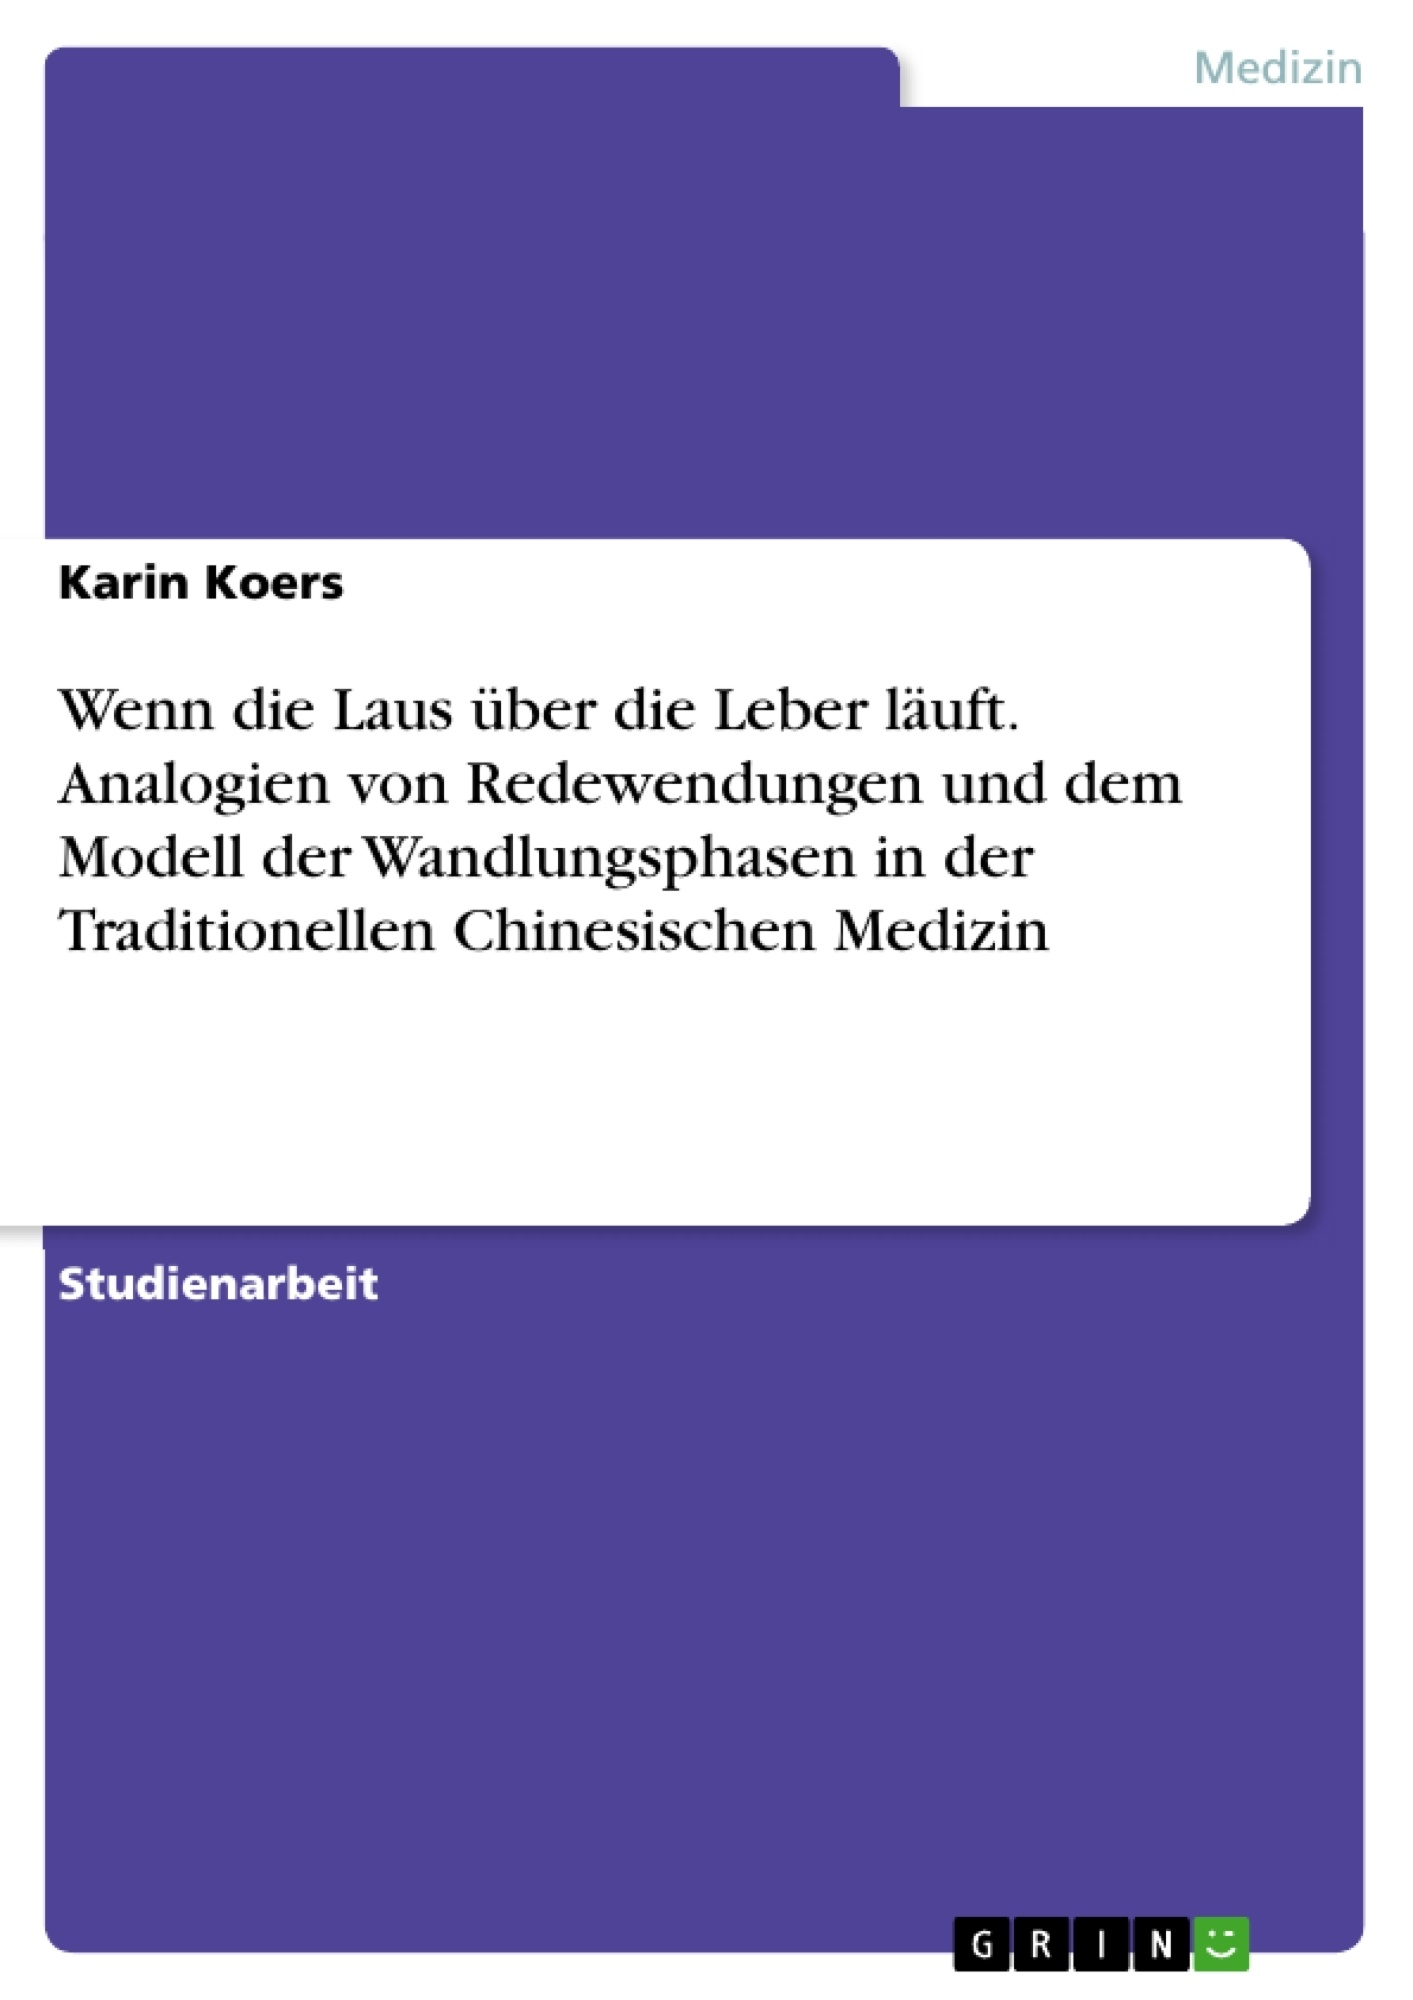 Titel: Wenn die Laus über die Leber läuft. Analogien von Redewendungen und dem Modell der Wandlungsphasen in der Traditionellen Chinesischen Medizin